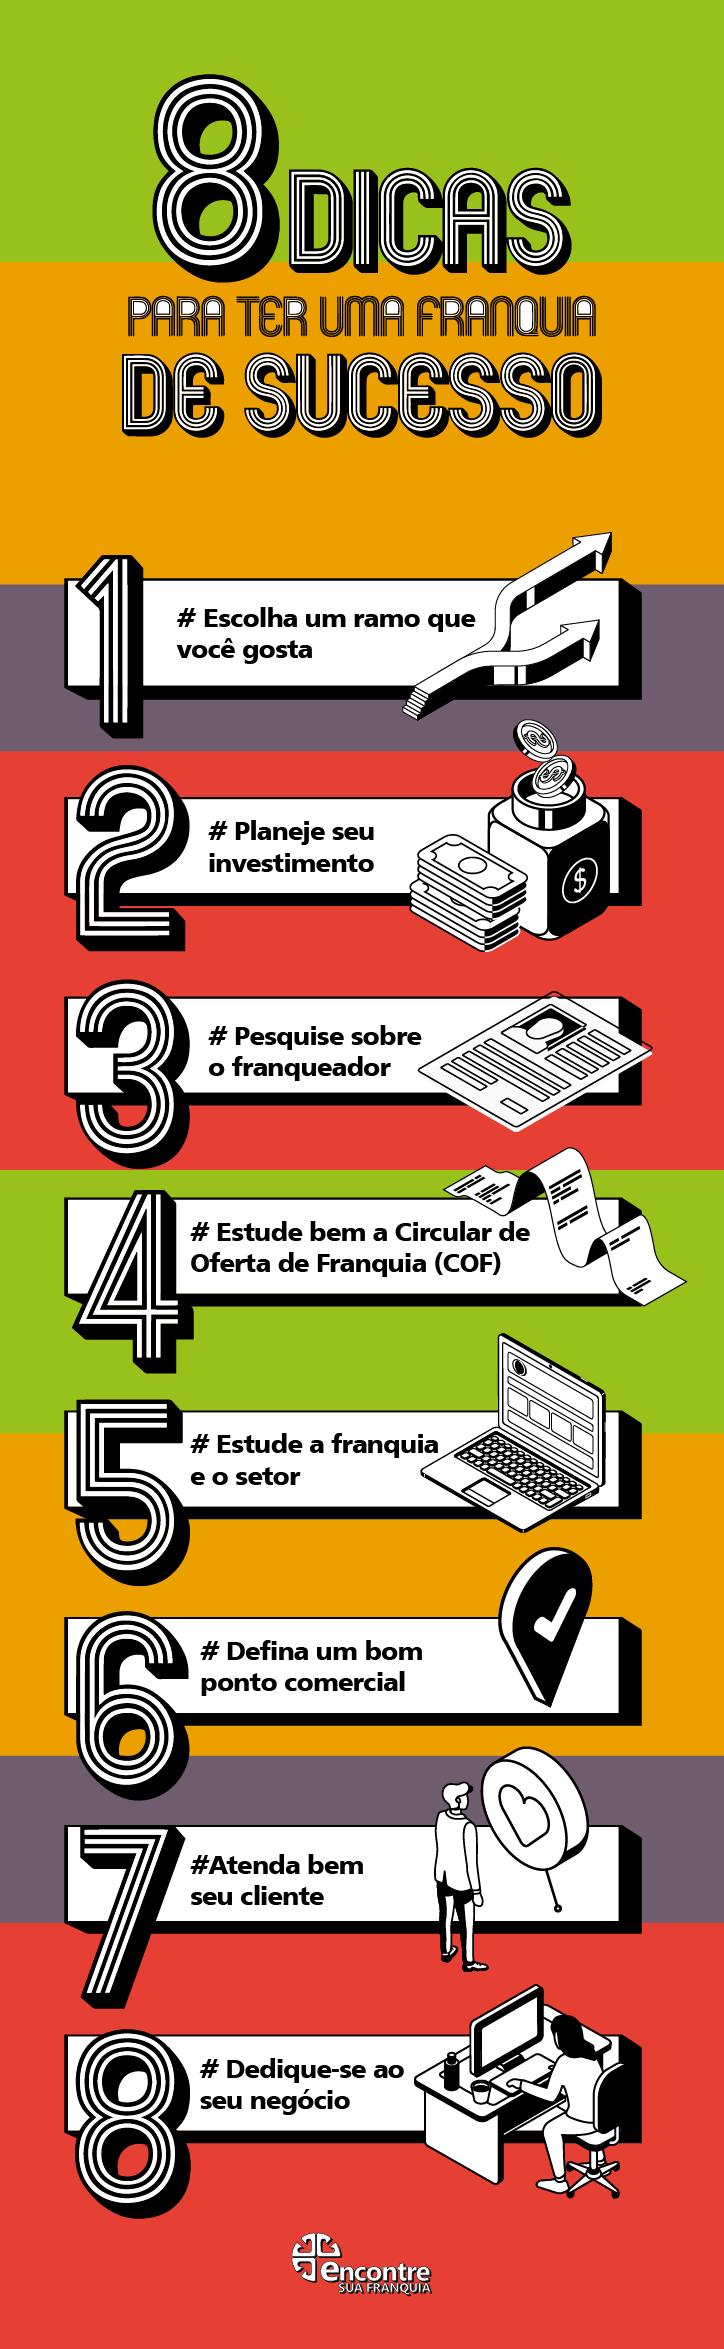 """Infográfico """"8 dicas para ter uma franquia de sucesso""""."""